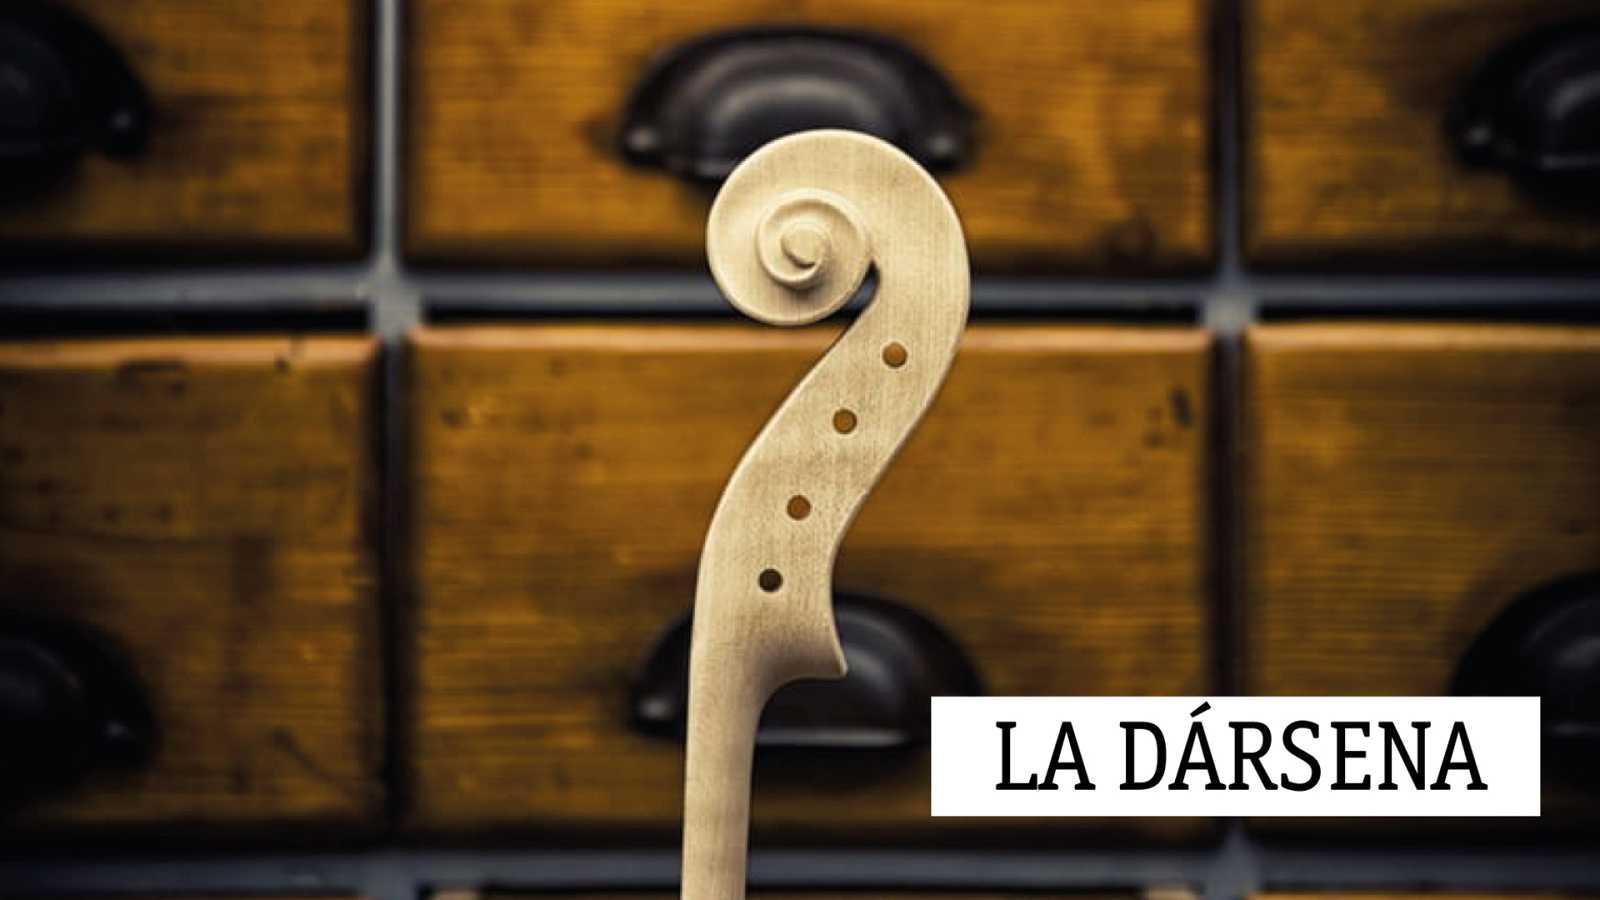 La dársena - Vandalia - 11/05/21 - escuchar ahora